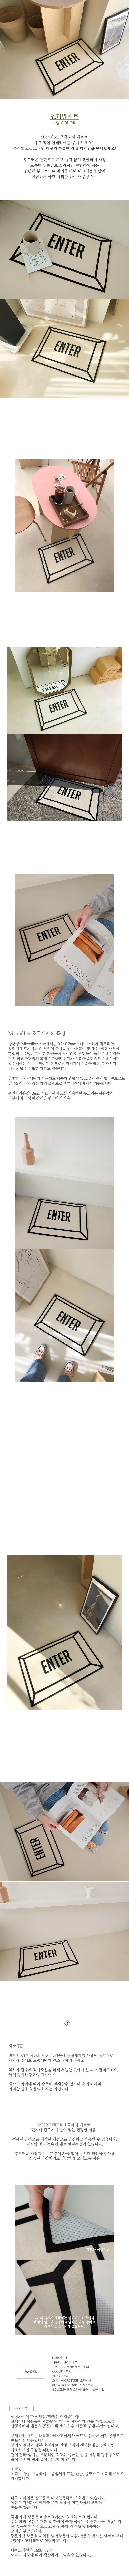 디쿠 앤터발매트 - 탭아트갤러리, 16,900원, 디자인 발매트, 디자인